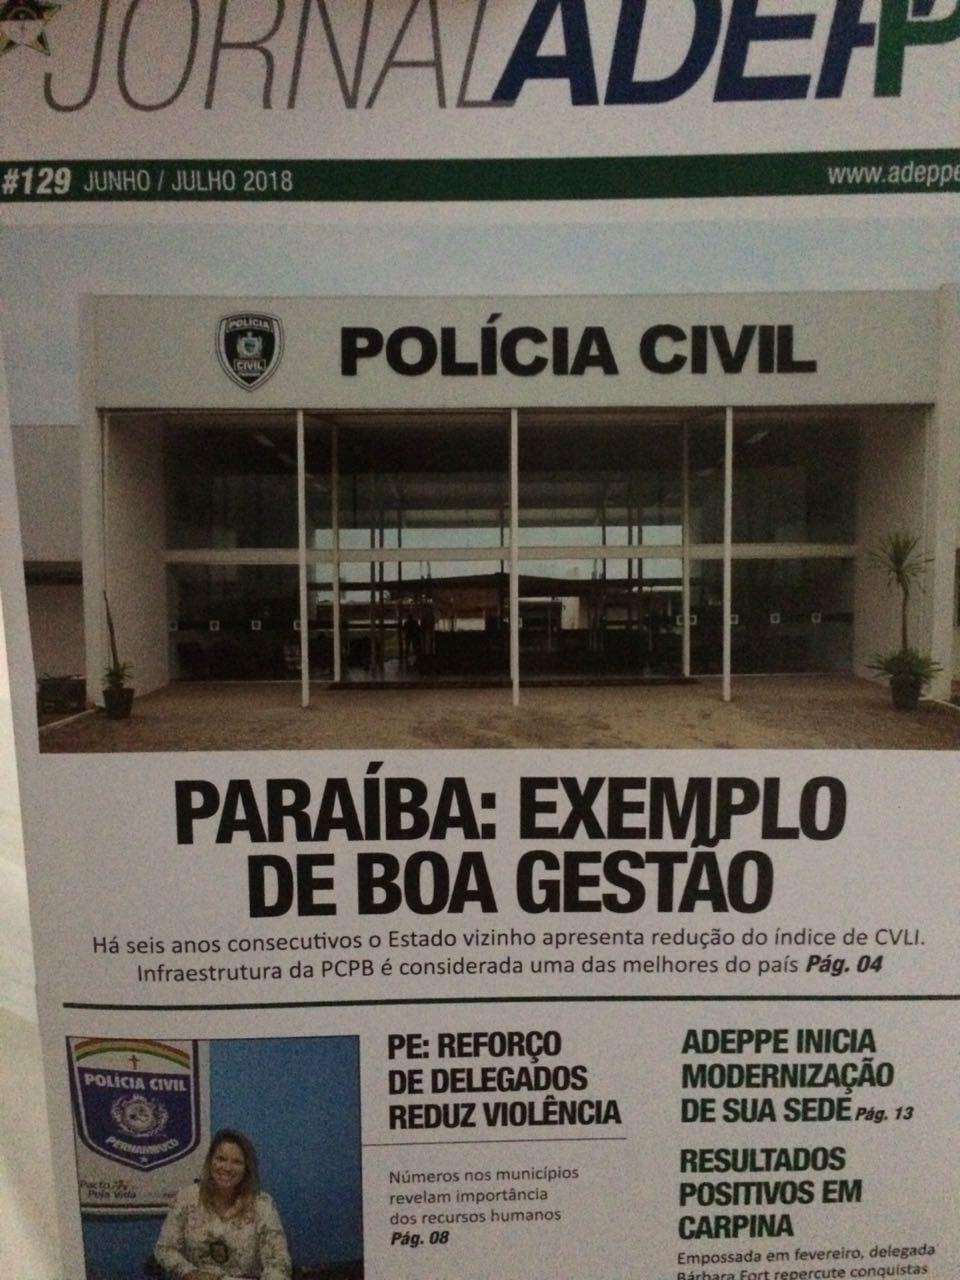 IMG 20180924 WA0011 - RECONHECIMENTO: Associação de Delegados de Pernambuco destaca redução de violência na Paraíba e infraestrutura da Acadepol e Central de Polícia